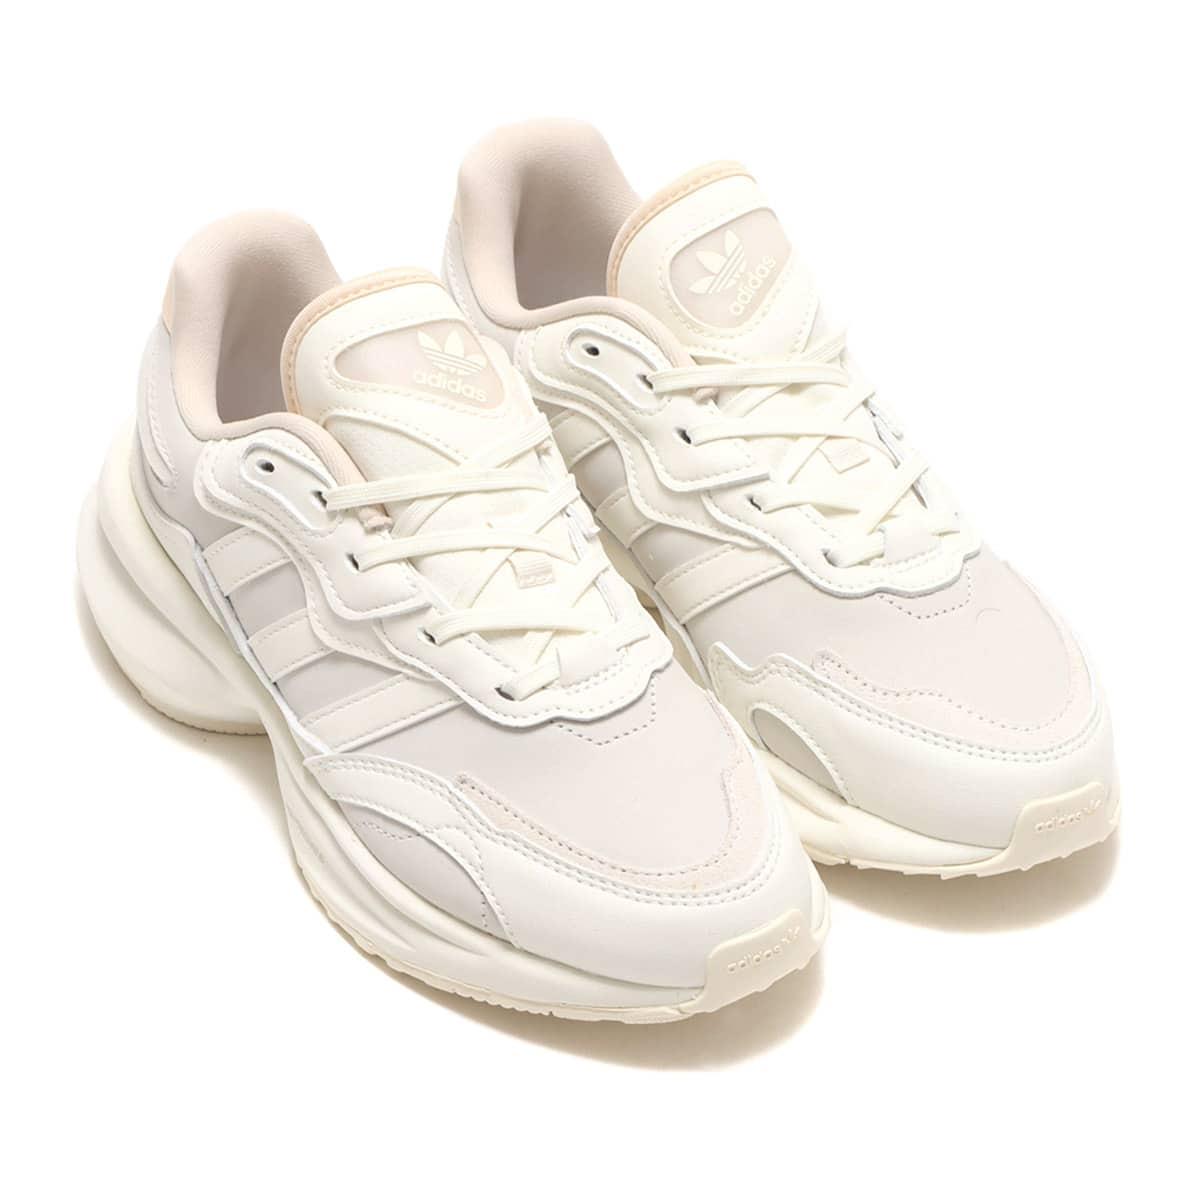 adidas ZENTIC W OFF WHITE/OFF WHITE/HALO IVORY 21FW-I_photo_large